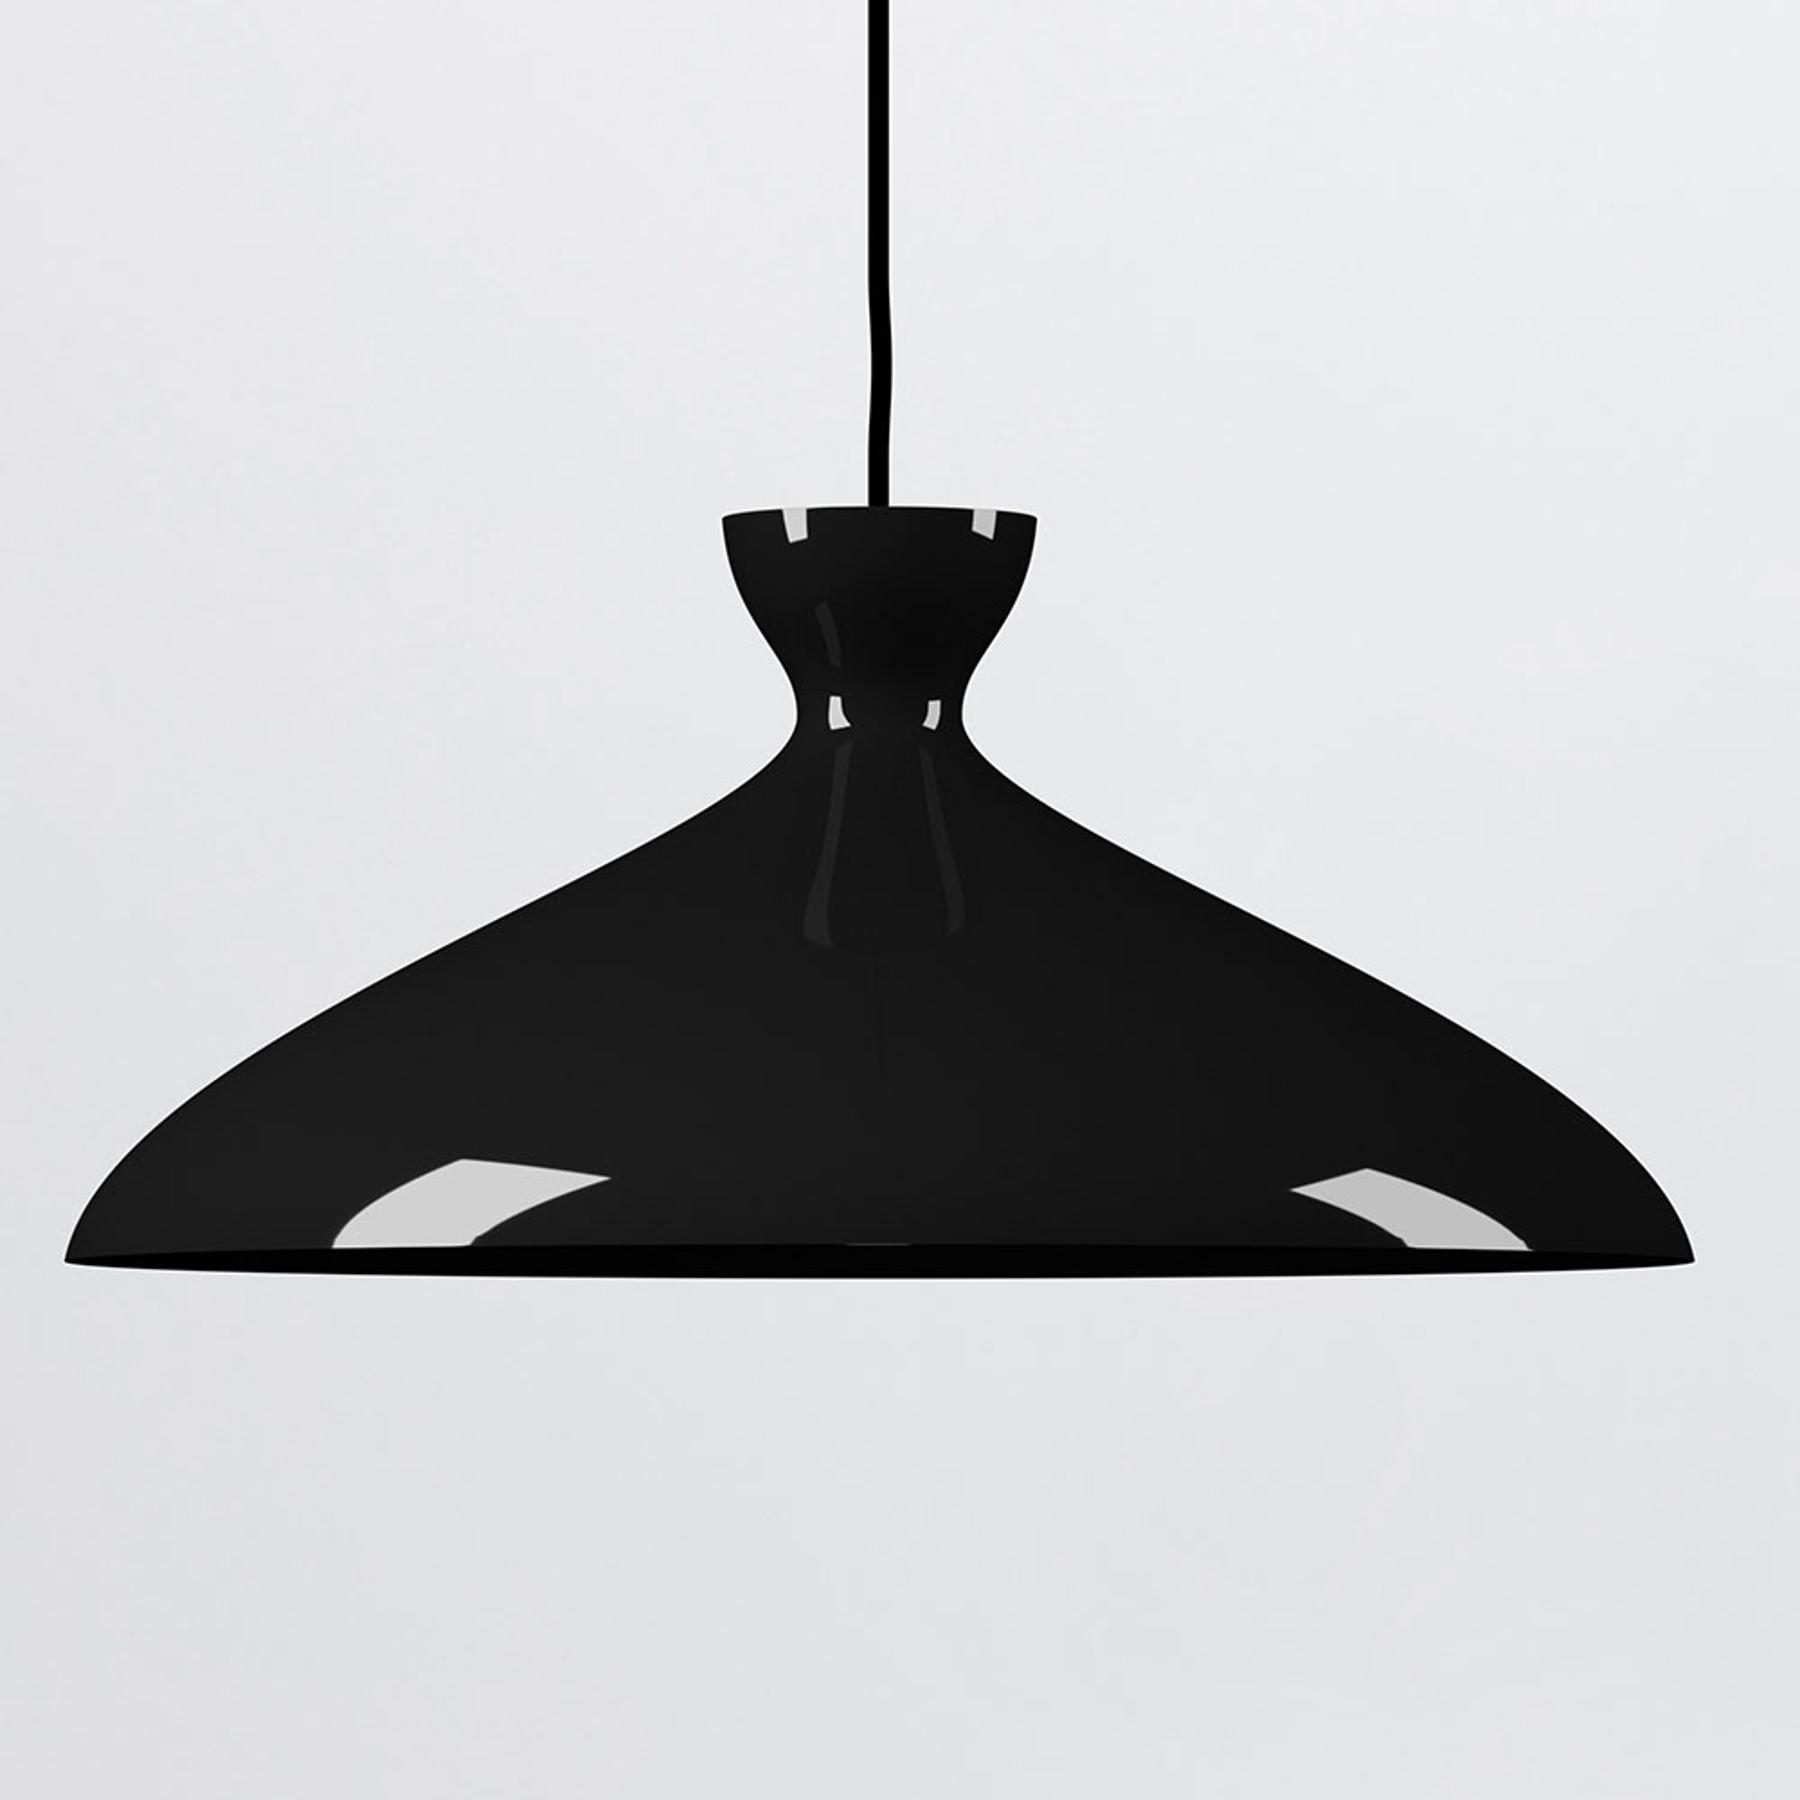 Nyta Pretty wide Hängelampe 3m, schwarz glänzend